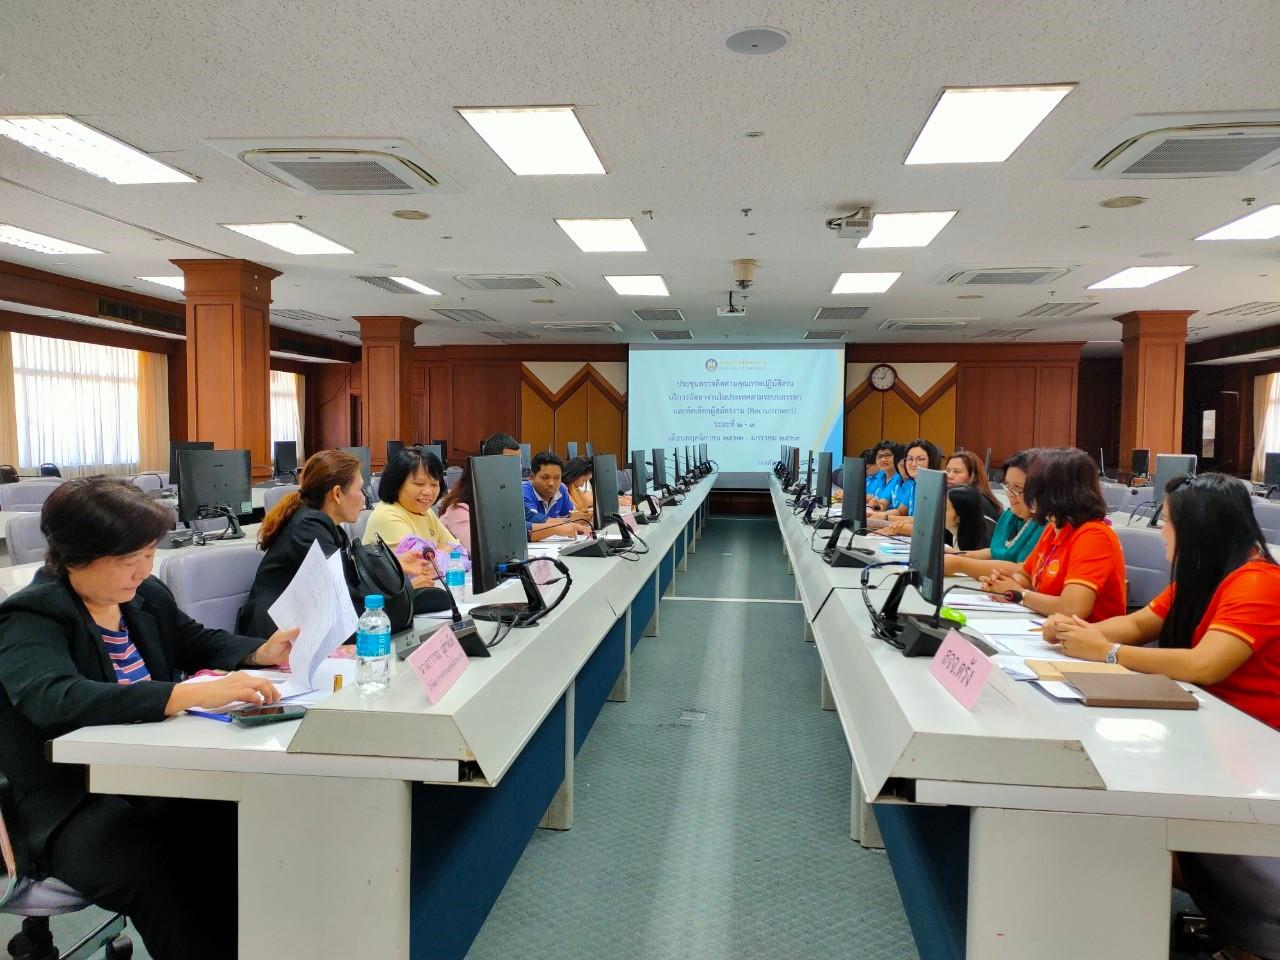 การตรวจติดตามการปฏิบัติงานบริการจัดหางานในประเทศตามระบบสรรหาและคัดเลือกผู้สมัครงาน (Recruitment)